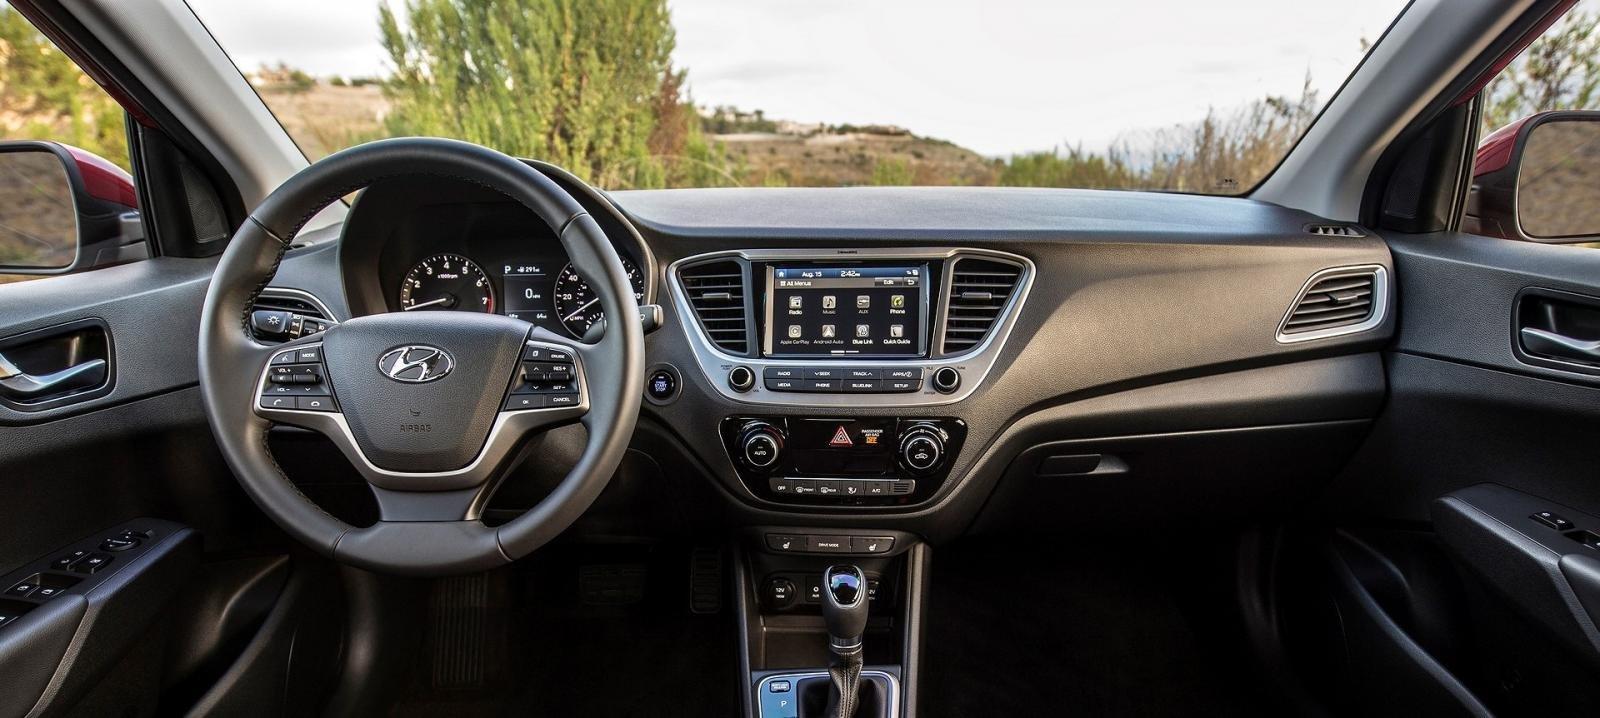 Hyundai Accent 2020 ra mắt với sự cải tiến về khả năng vận hành a3